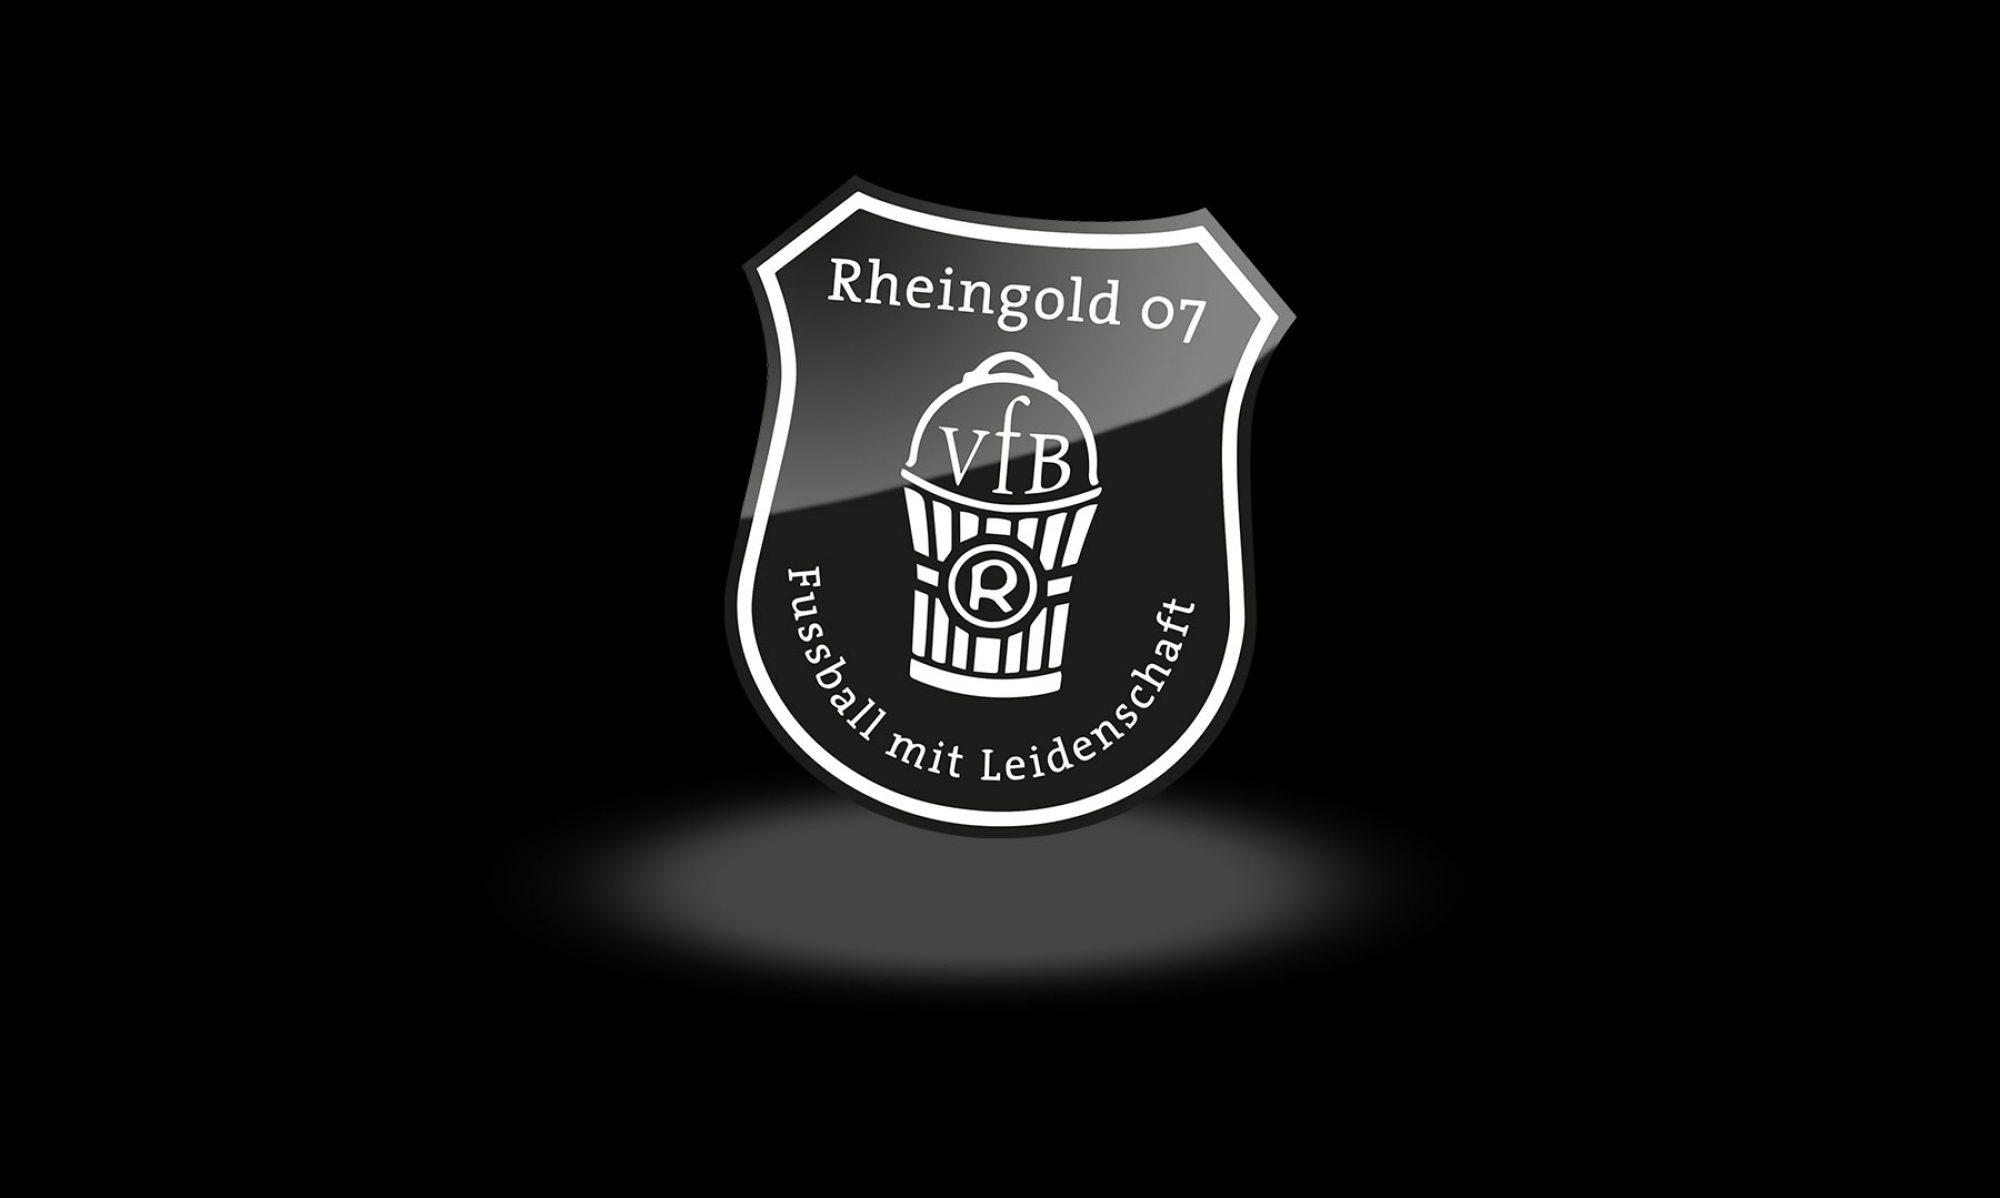 VfB Rheingold 07 e.V.